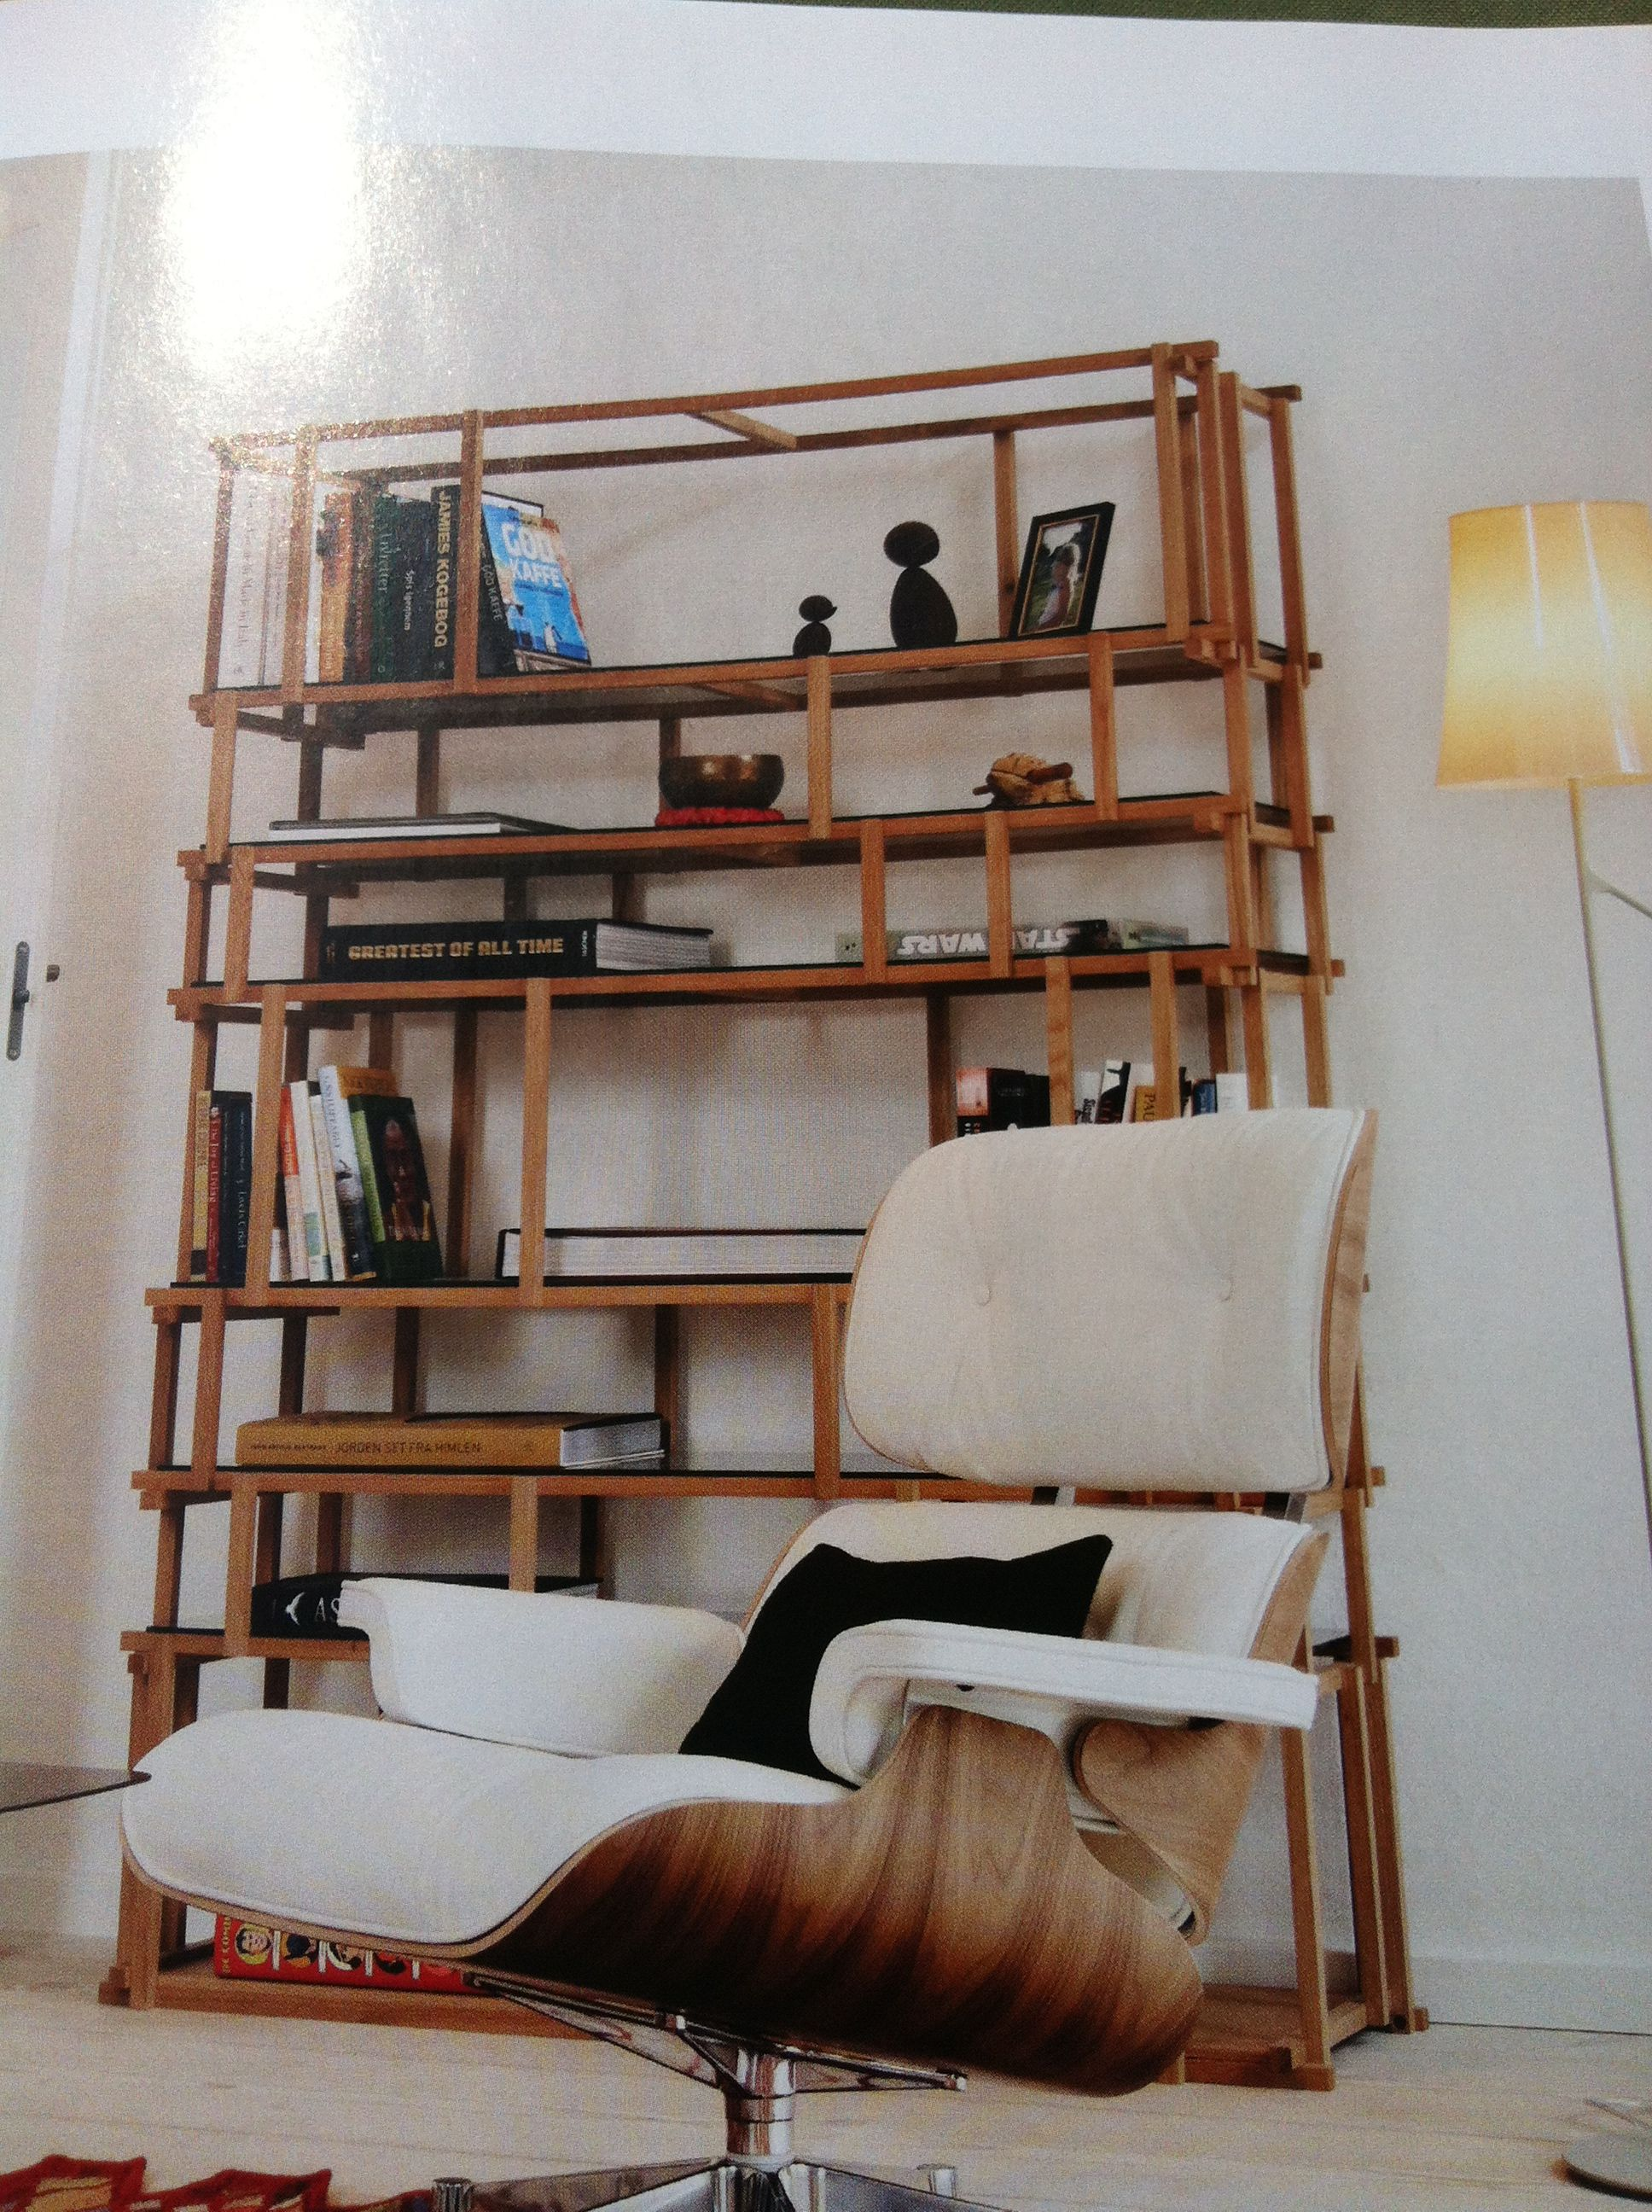 Eames Loungchair i skinn og valnøtt og bokhylle  fra Living Divani med glasshyller og eik som heter Cut Off